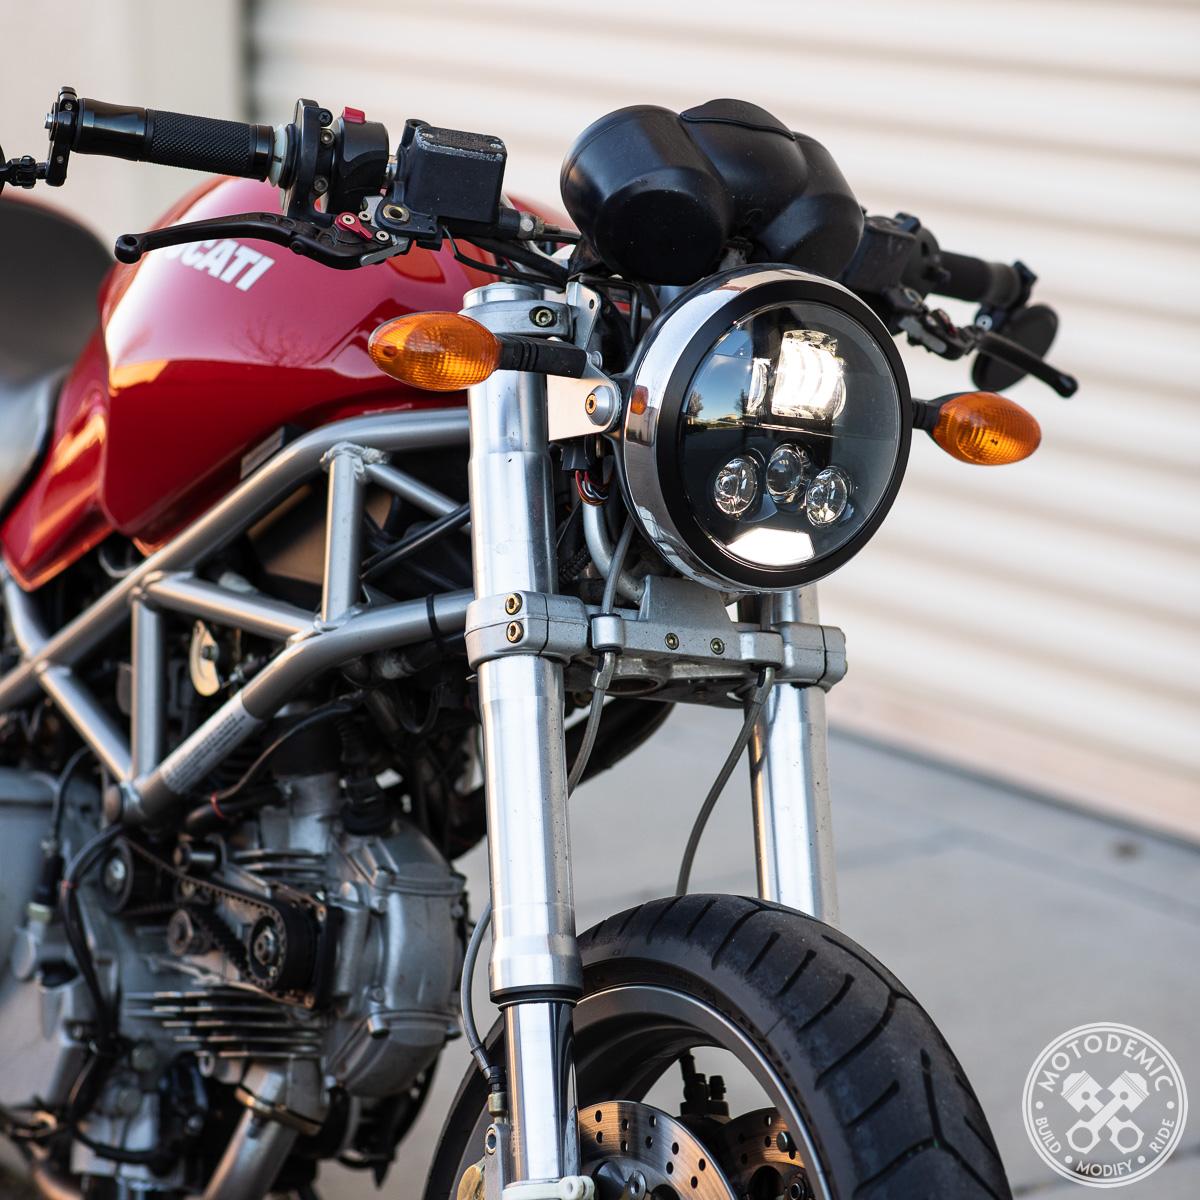 Led Headlight For Ducati Monster 93 08 Motodemic